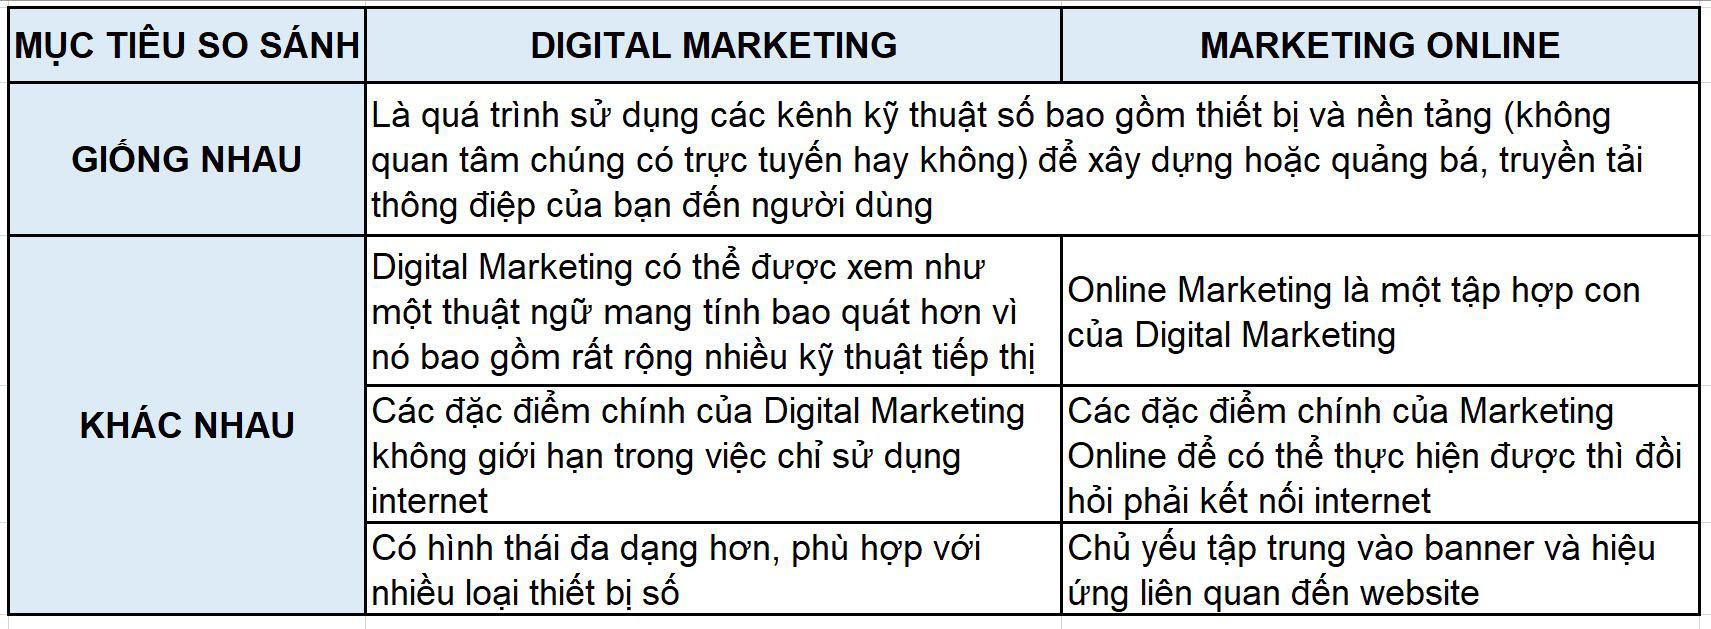 Bảng so sánh Online Marketing và Digital Marketing